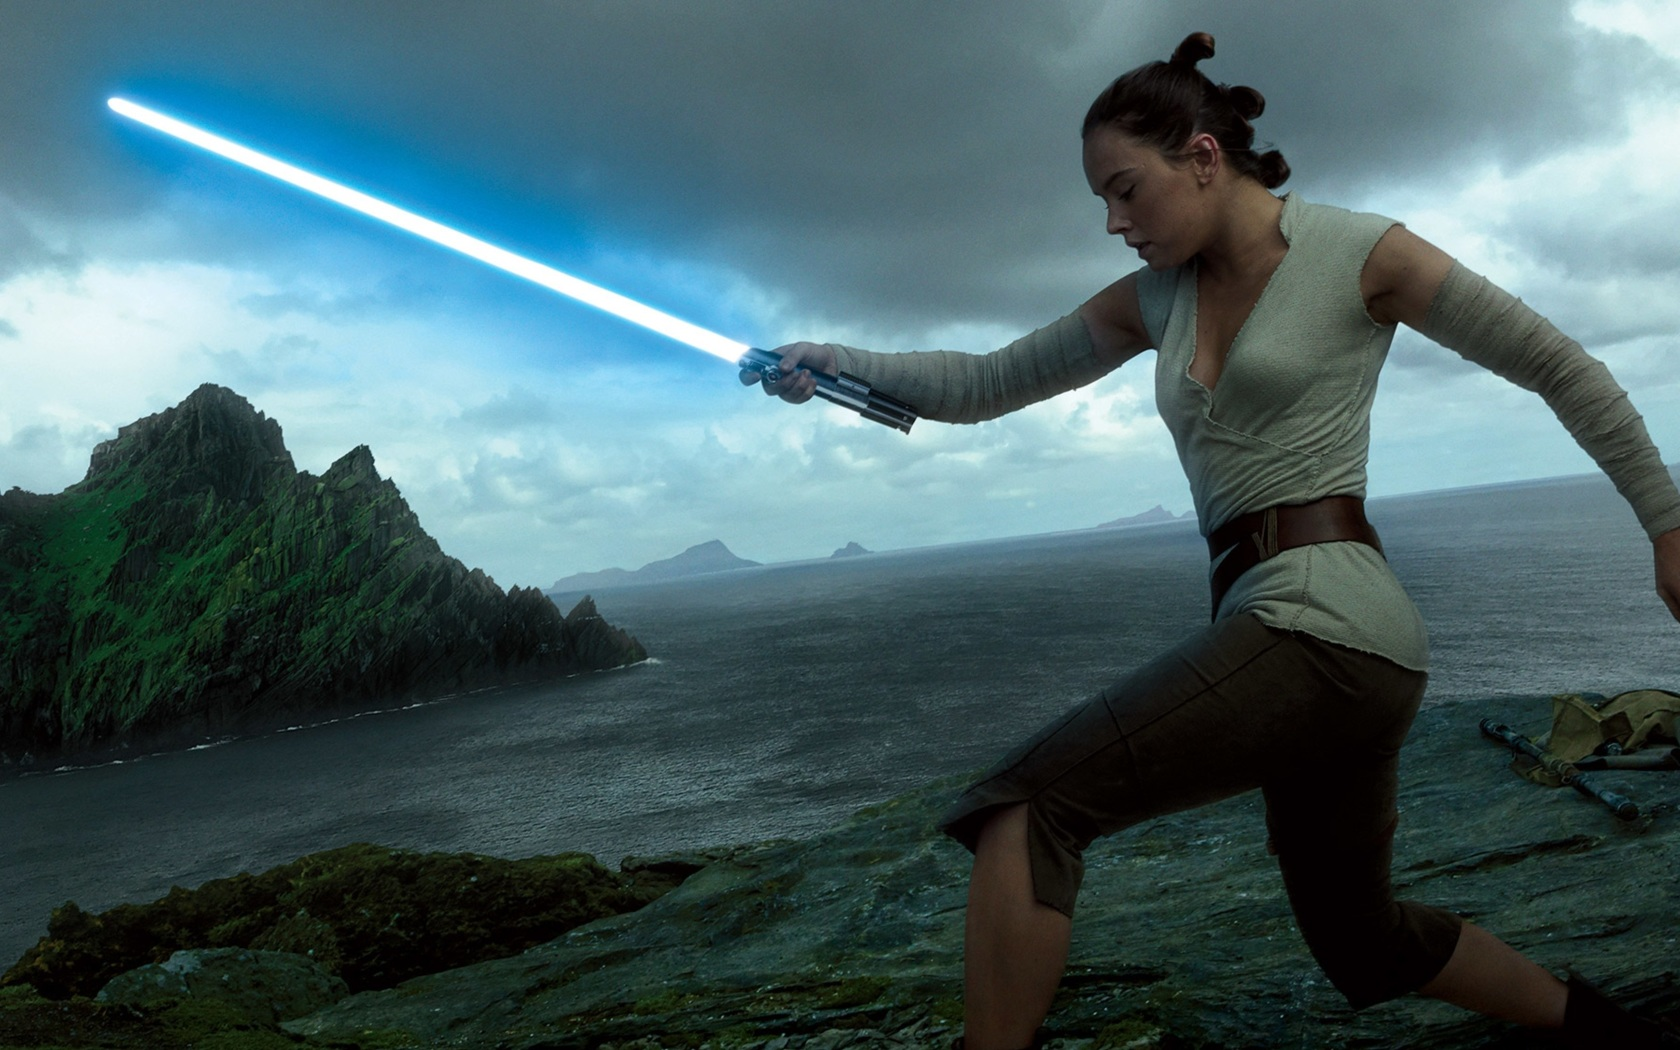 Rey Star Wars Hd 4k Wallpaper